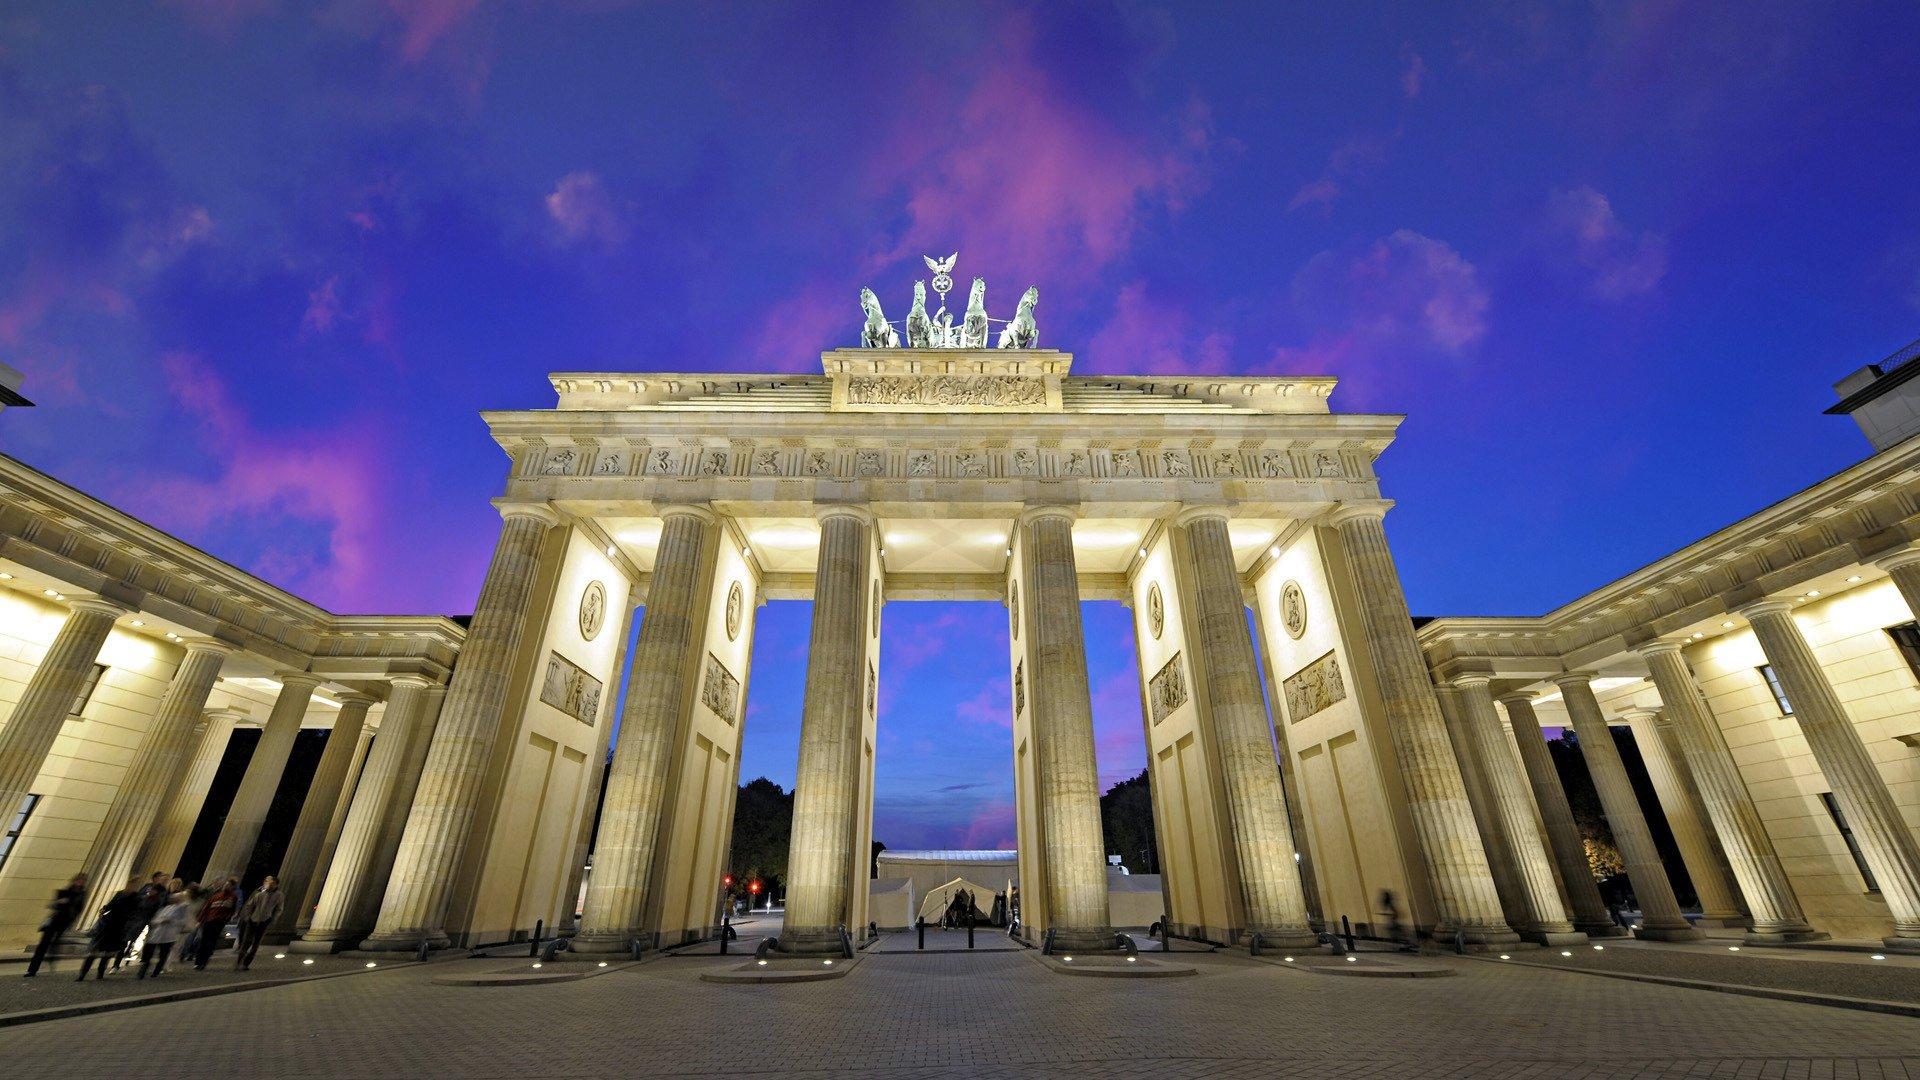 Brandenburg Gate HD Wallpaper Background Image 1920x1080 ID 1920x1080